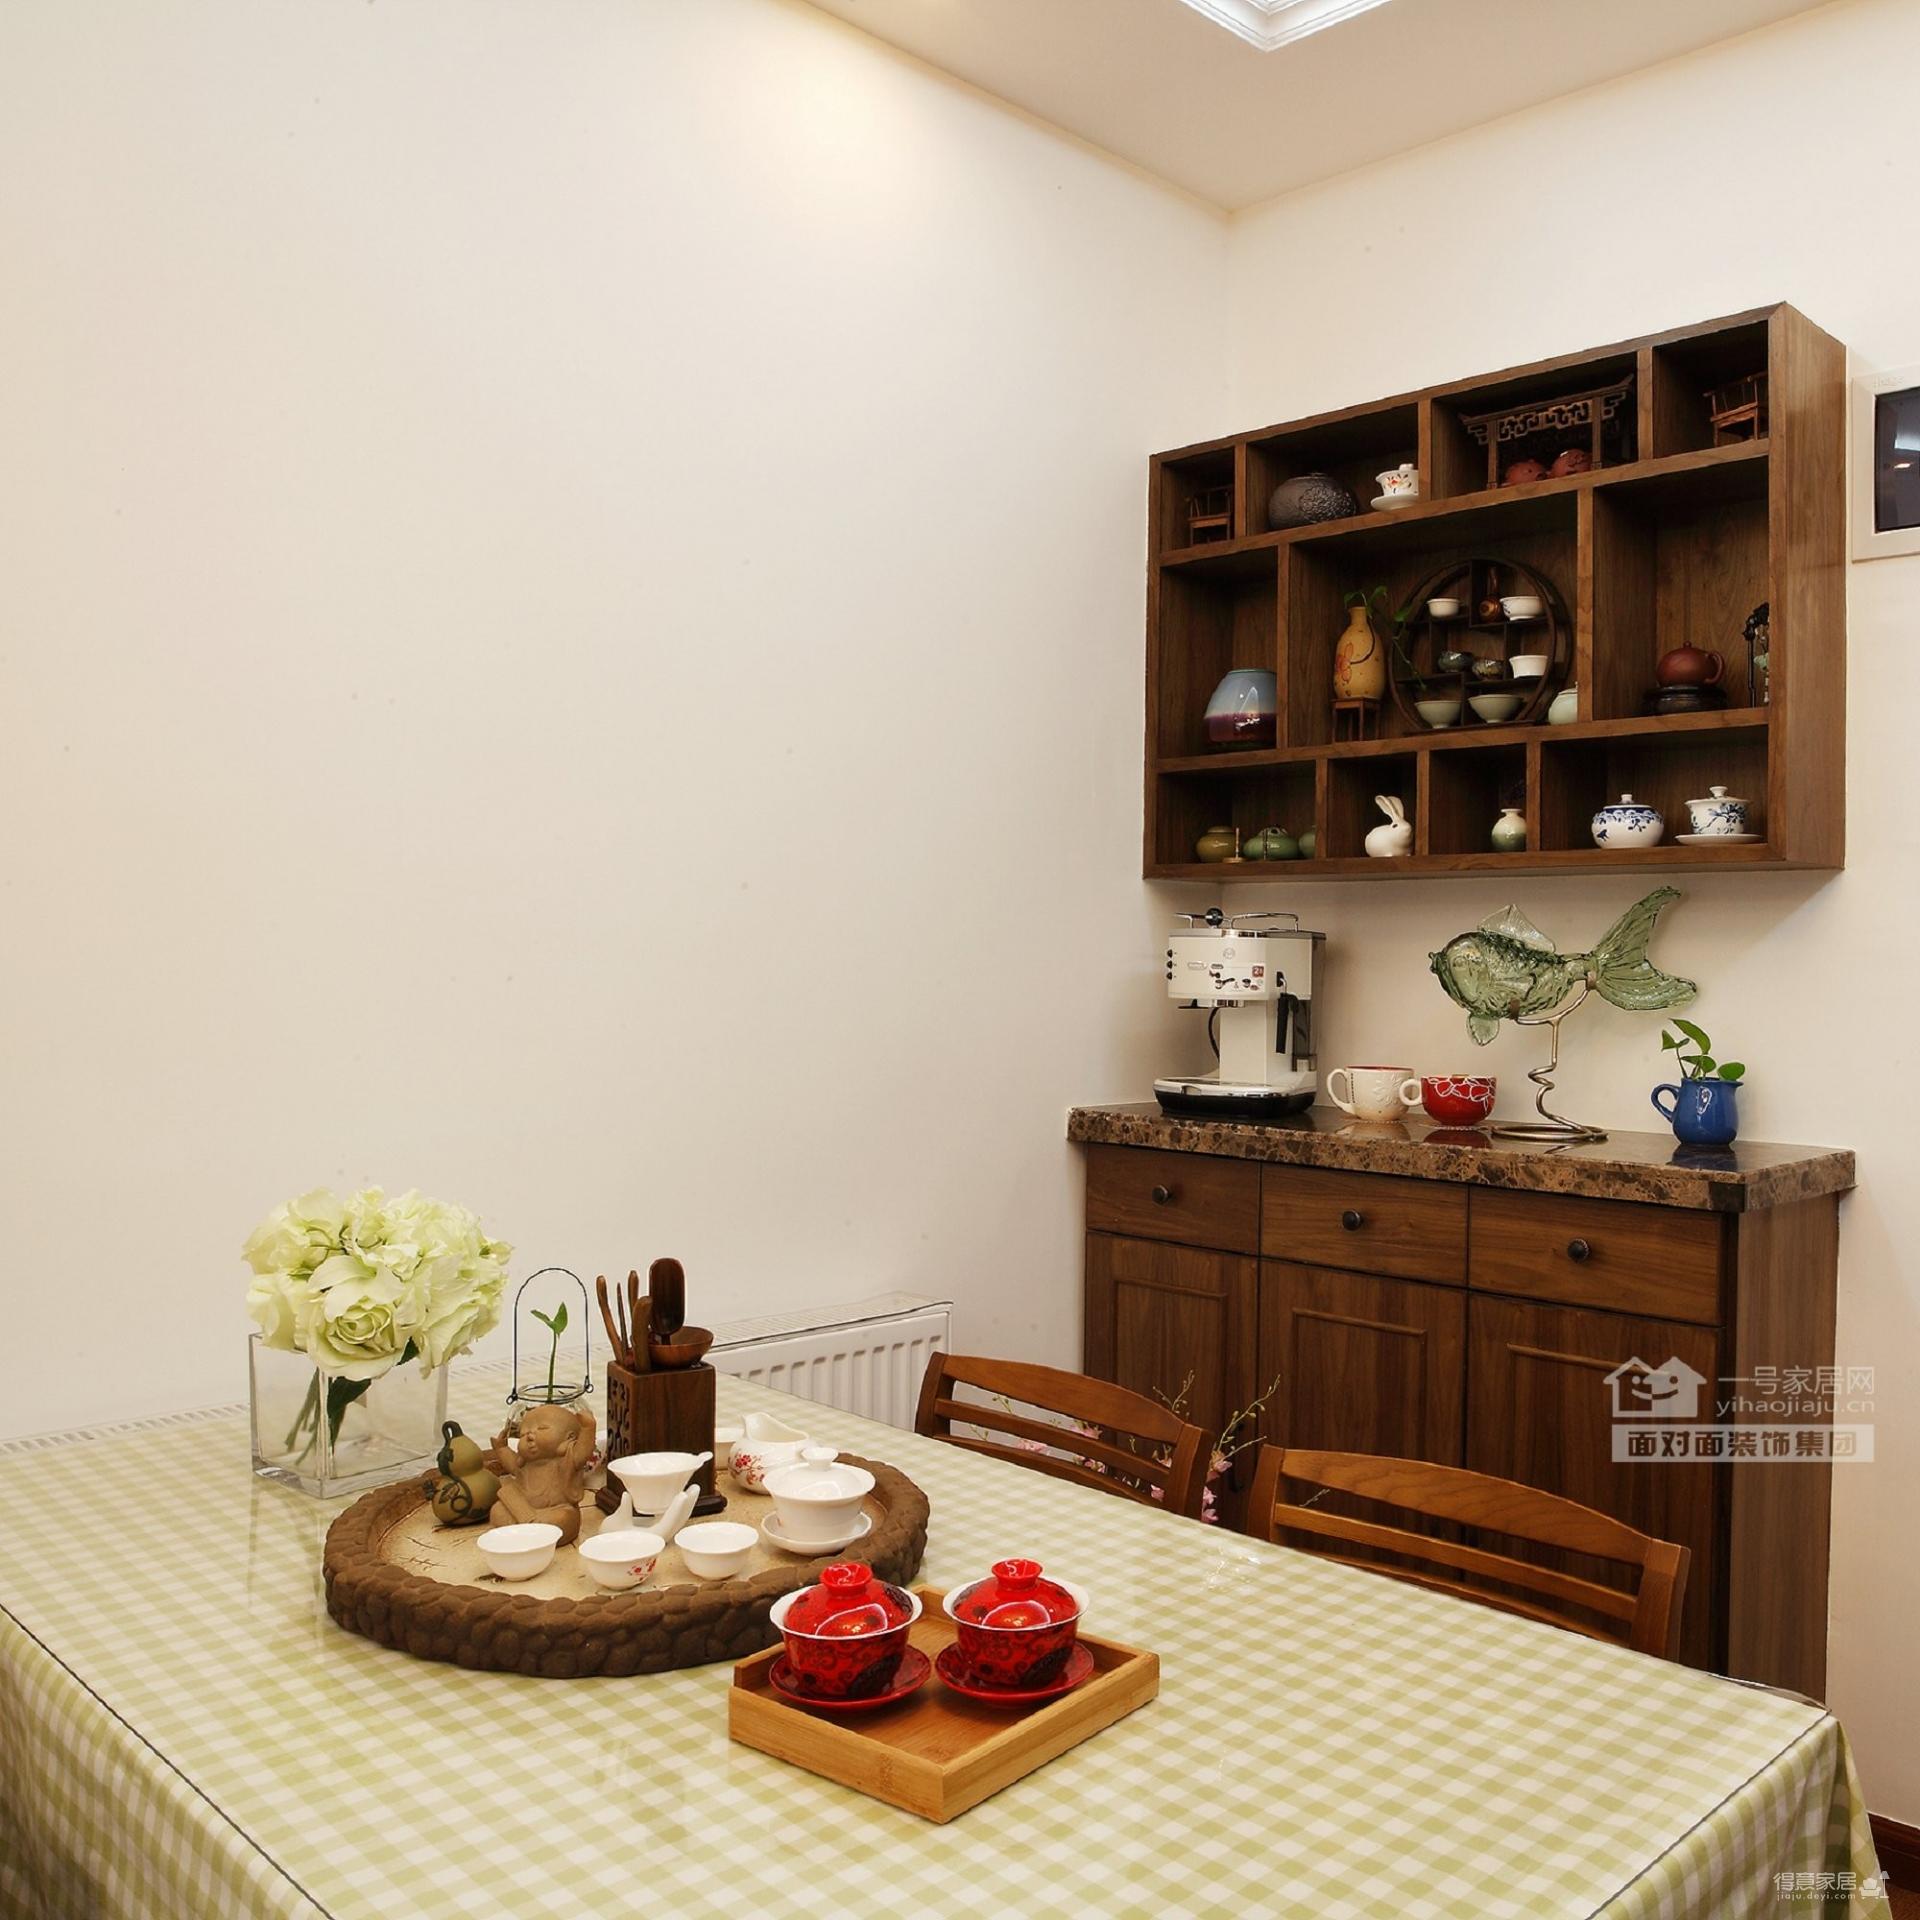 保利心语68平新中式客厅餐厅装修实拍图